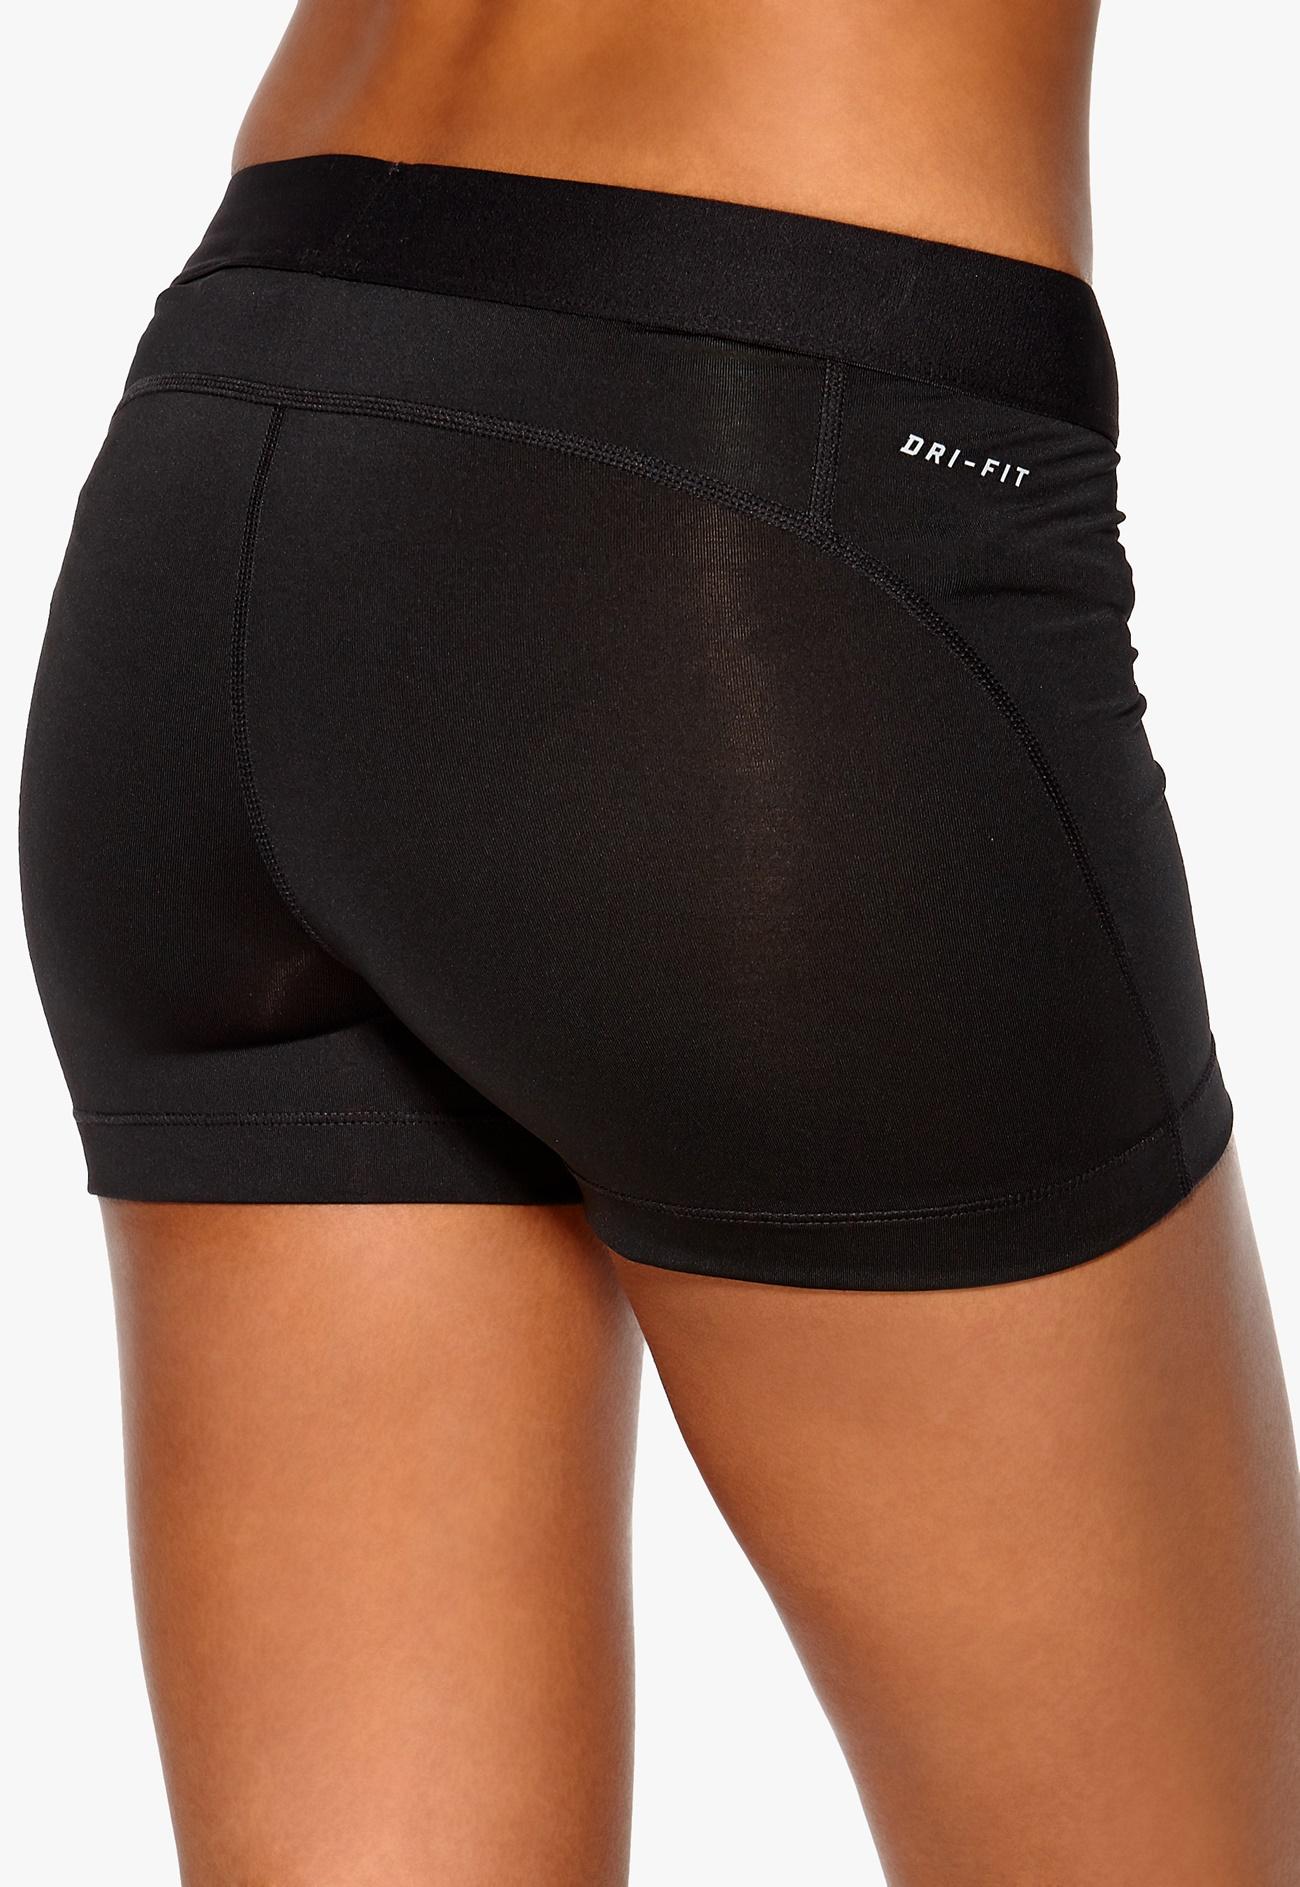 Nike Pro Shorts 010 Black Bubbleroom